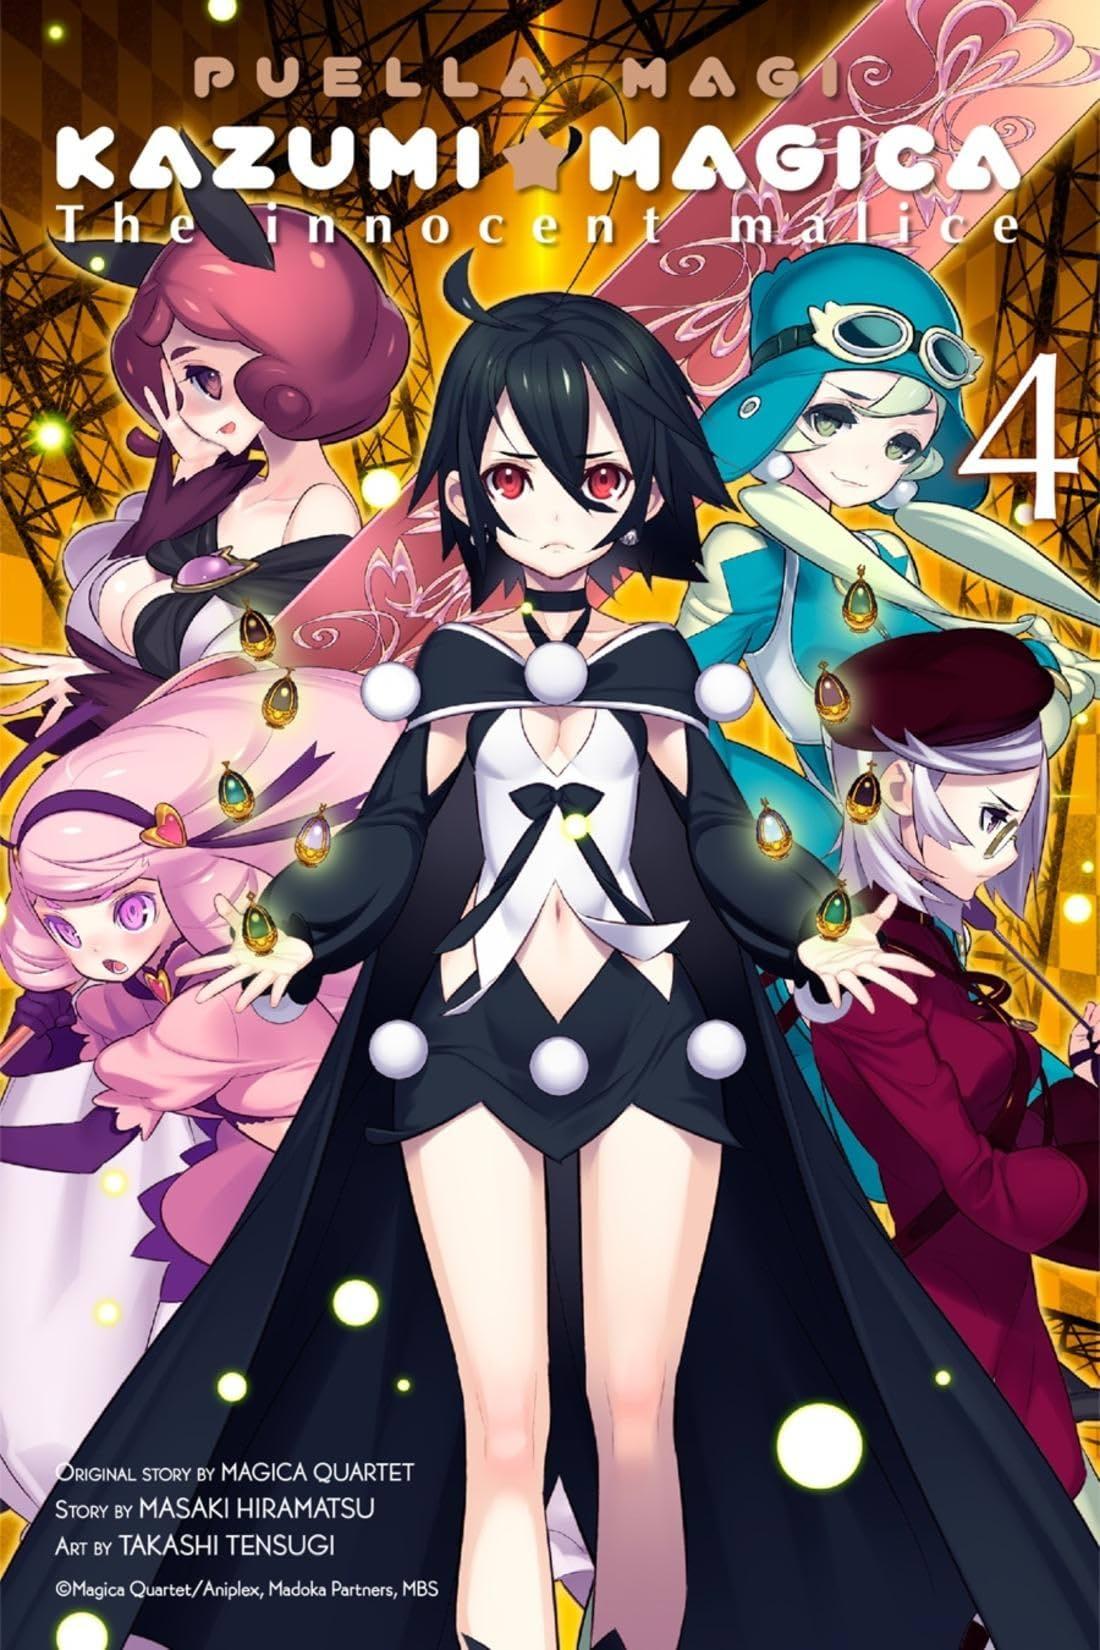 Puella Magi Kazumi Magica Vol. 4: The Innocent Malice